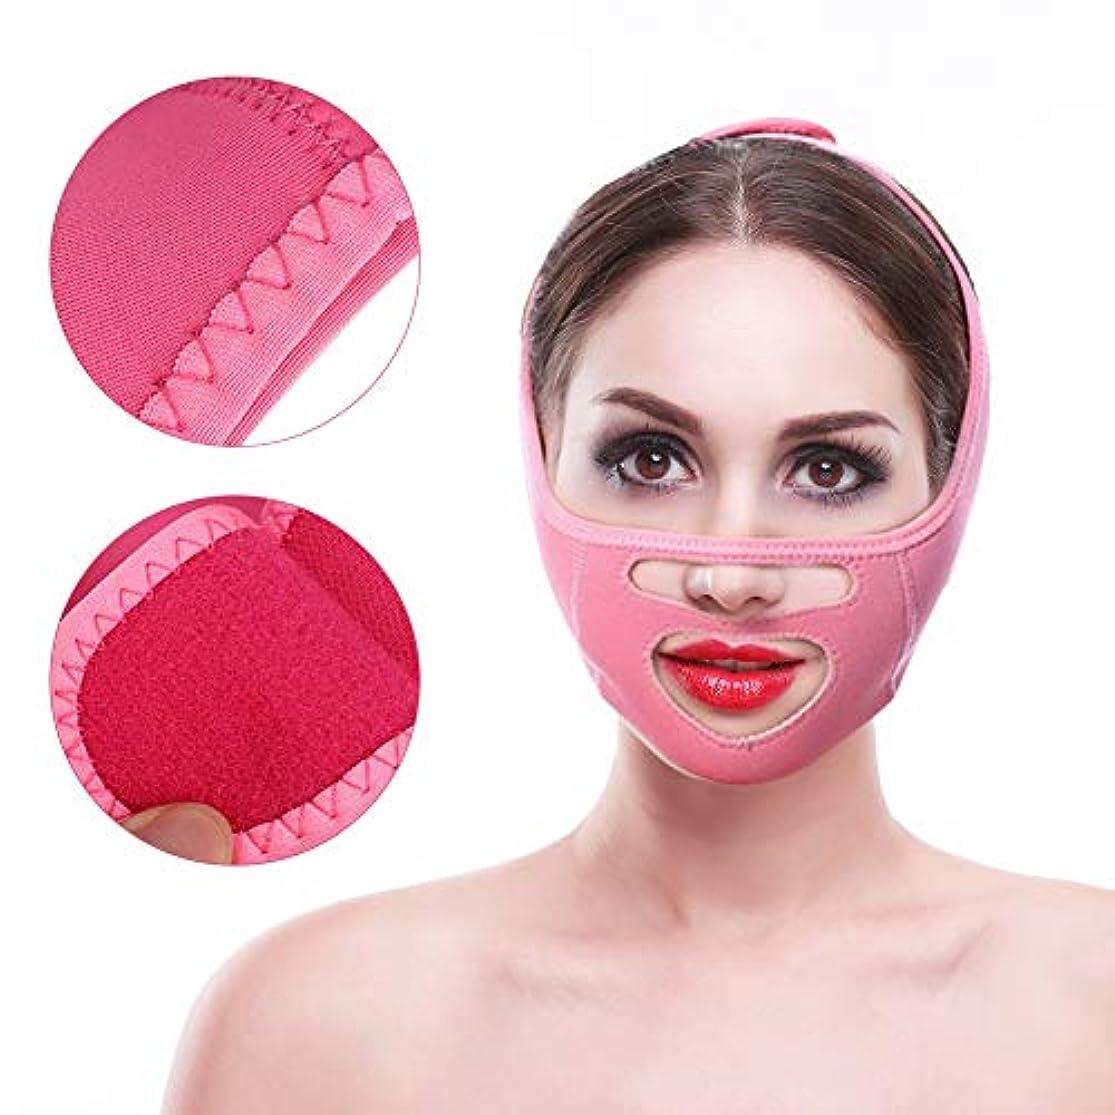 ハンドブック散歩悪化させる顔の持ち上がる整形ベルト、効果的に顔の形を改善し、顔と首の二重あごに肌を引き締め包帯を減らす